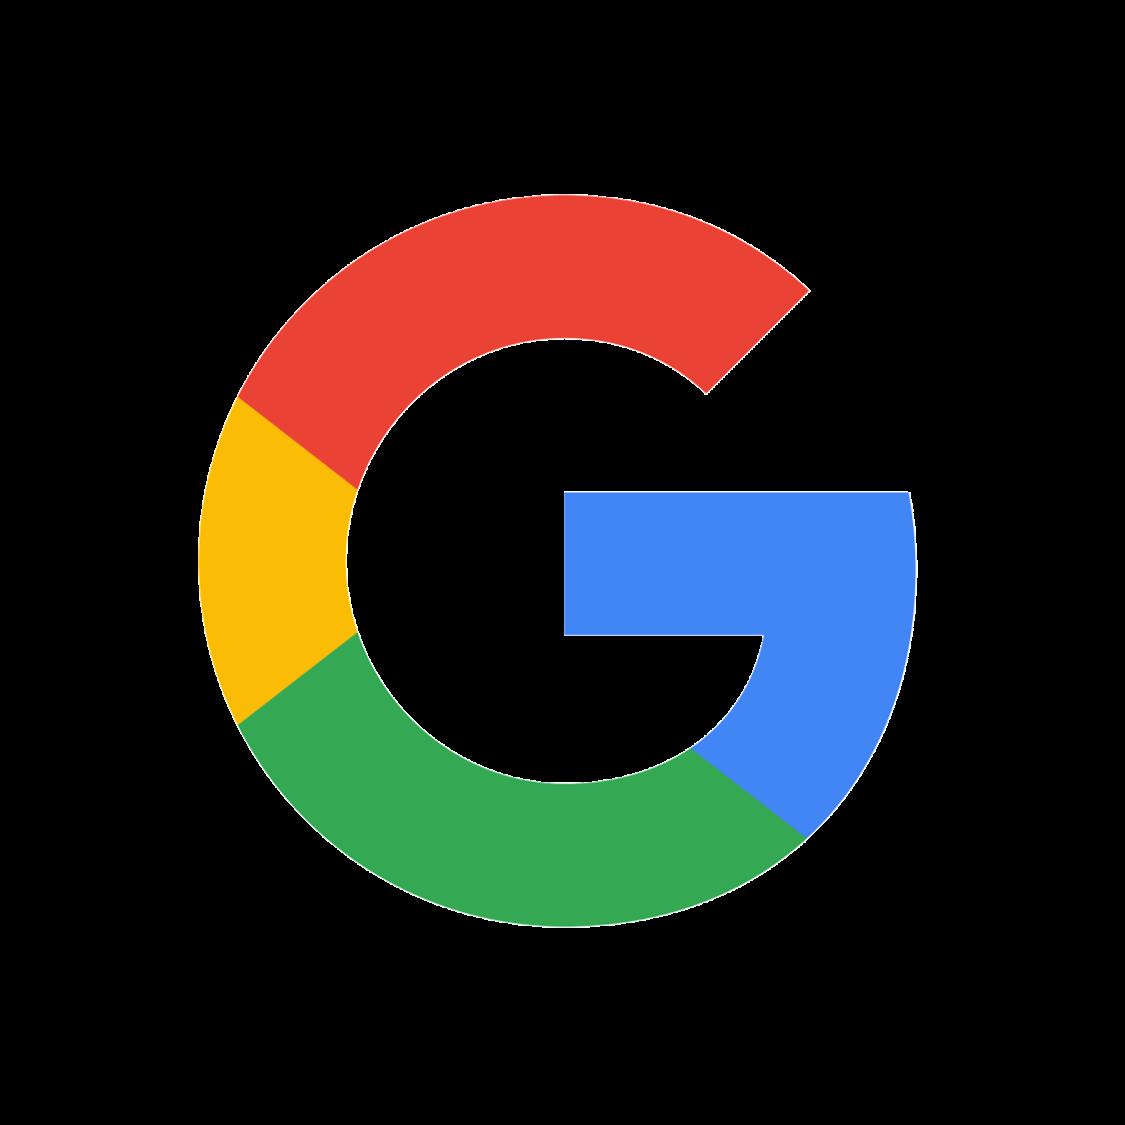 Free google clip art images banner Best Free Google Images banner